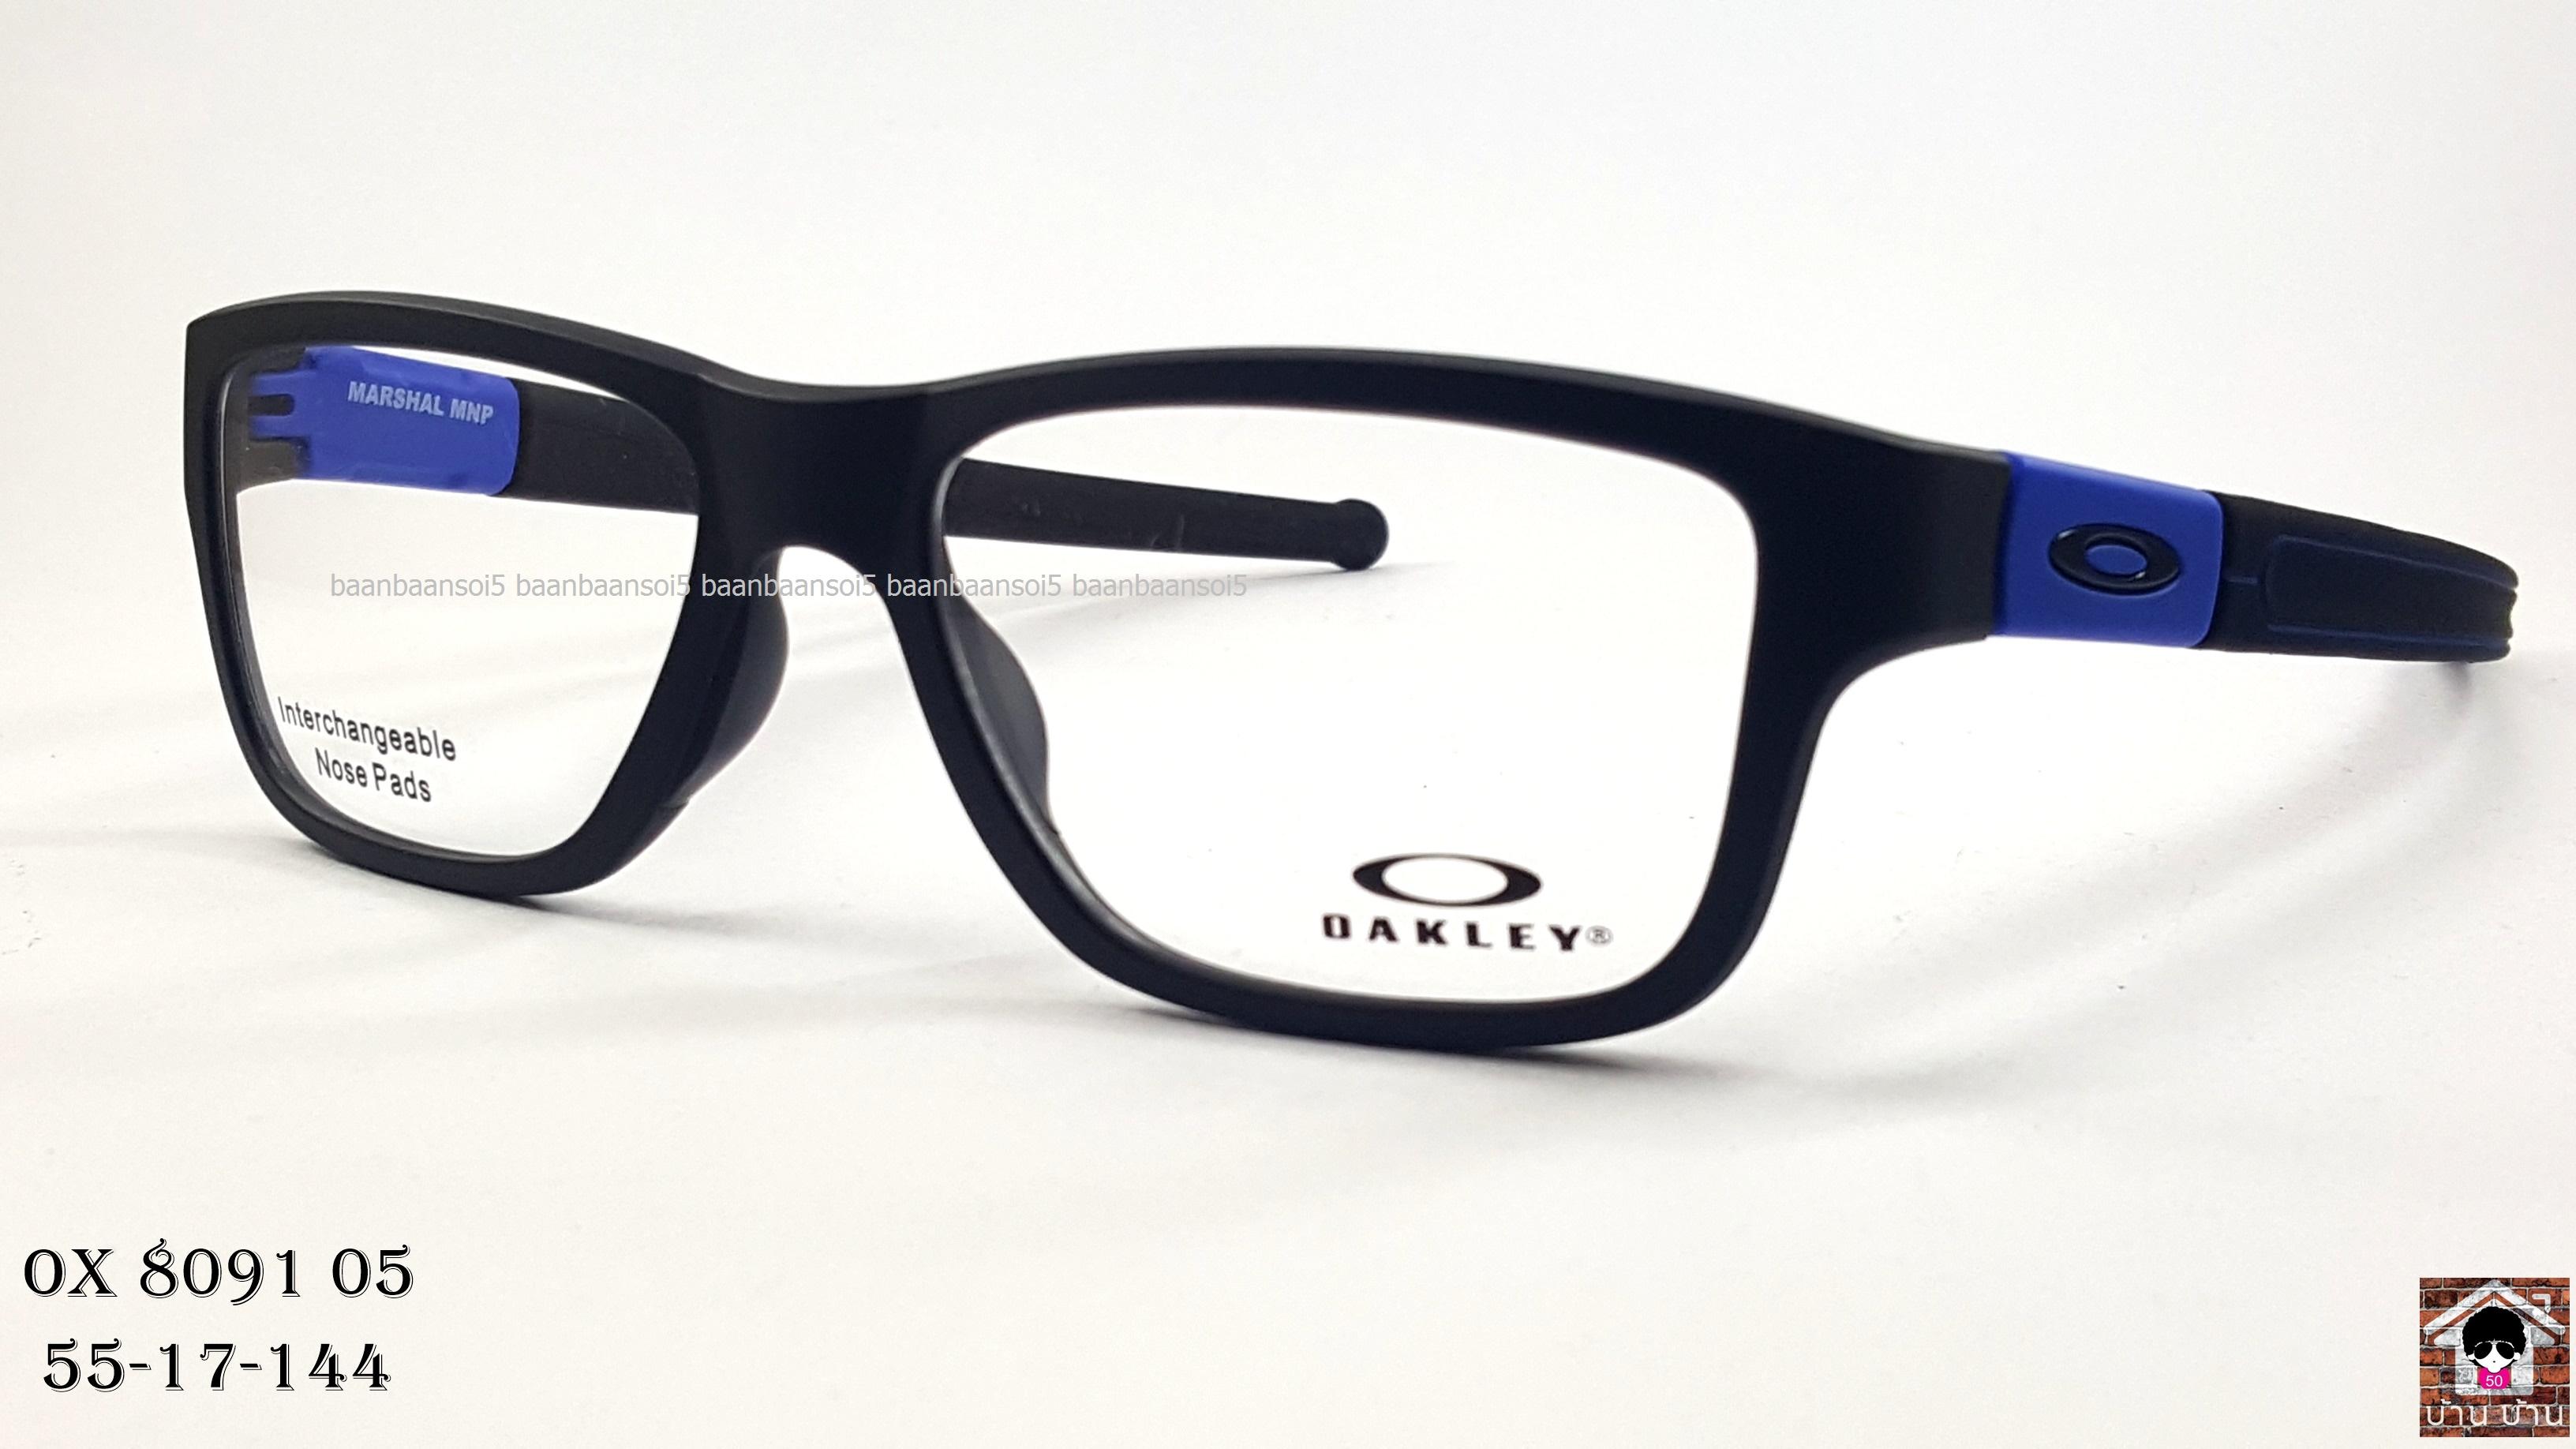 OAKLEY OX8091-05 MARSHAL MNP โปรโมชั่น กรอบแว่นตาพร้อมเลนส์ HOYA ราคา 4,800 บาท